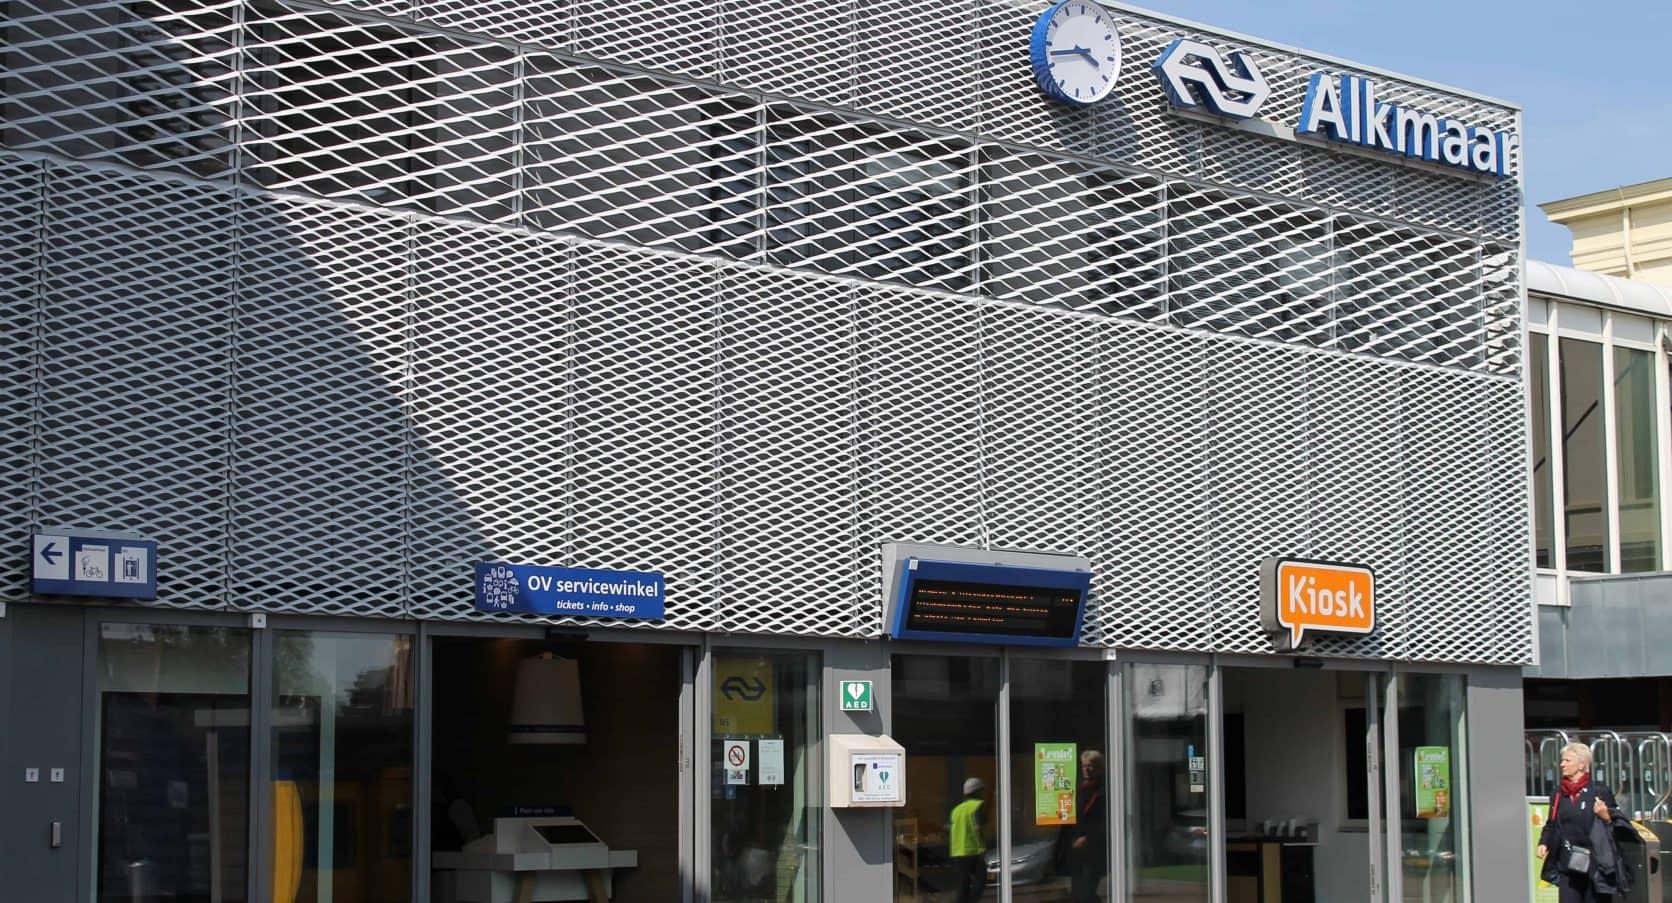 Detail van de gevelbekleding van Strekmetaal en Designperforatie op het Station in Alkmaar